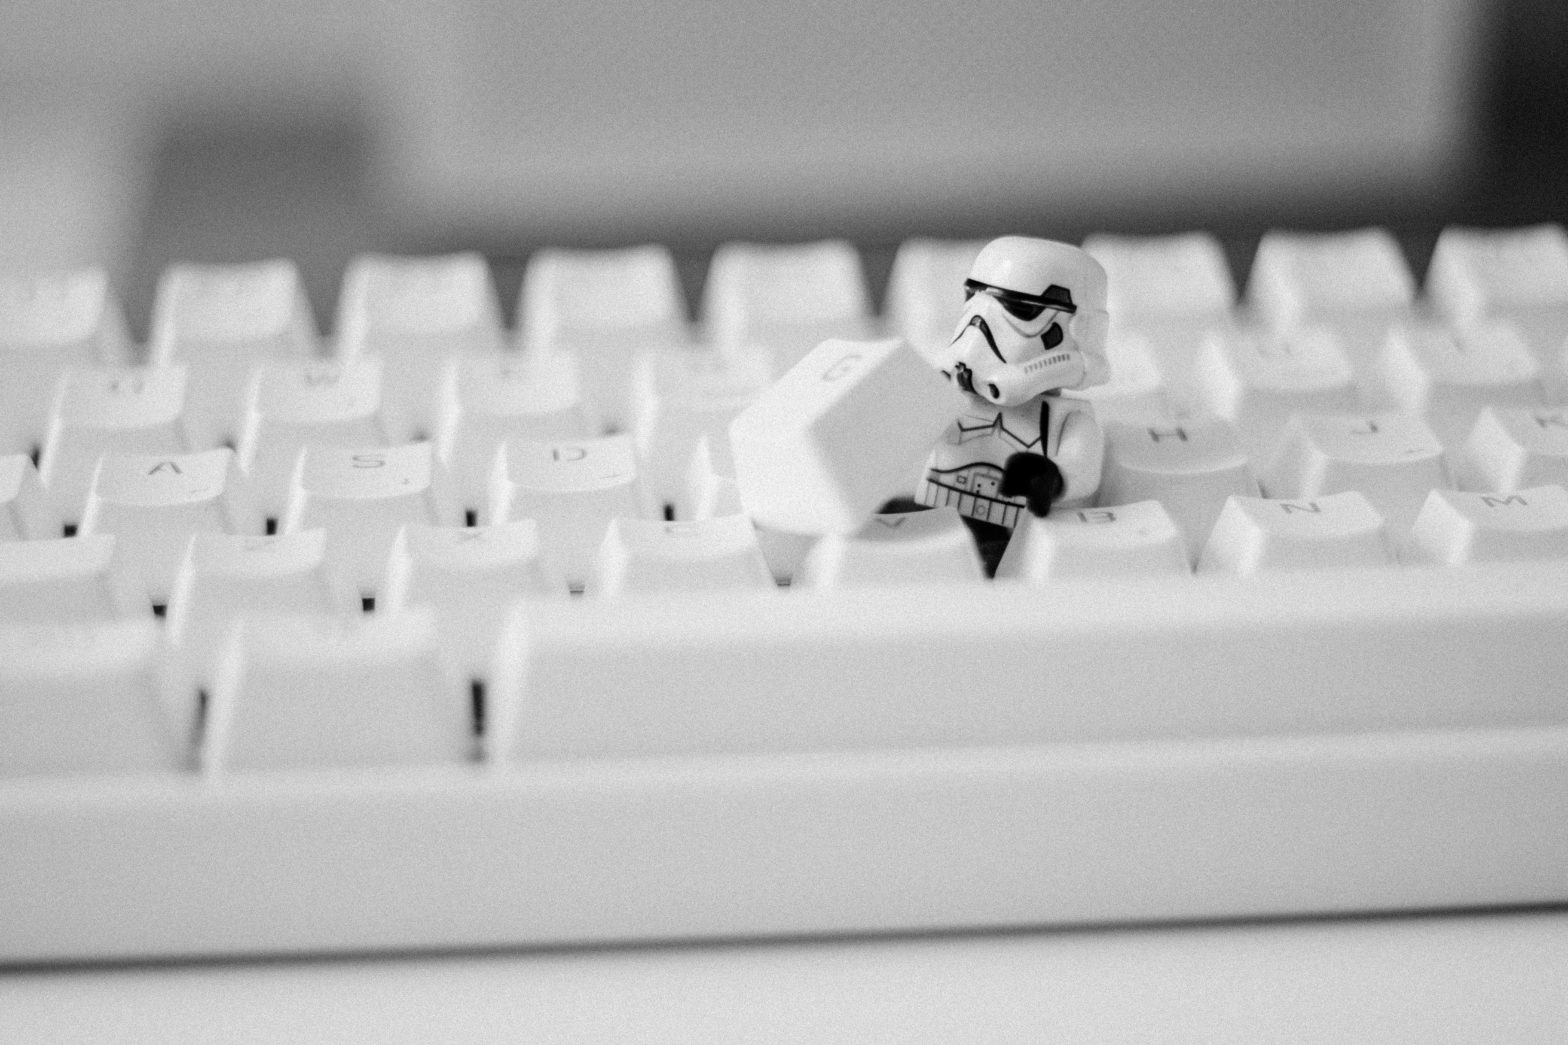 unsplash lego code